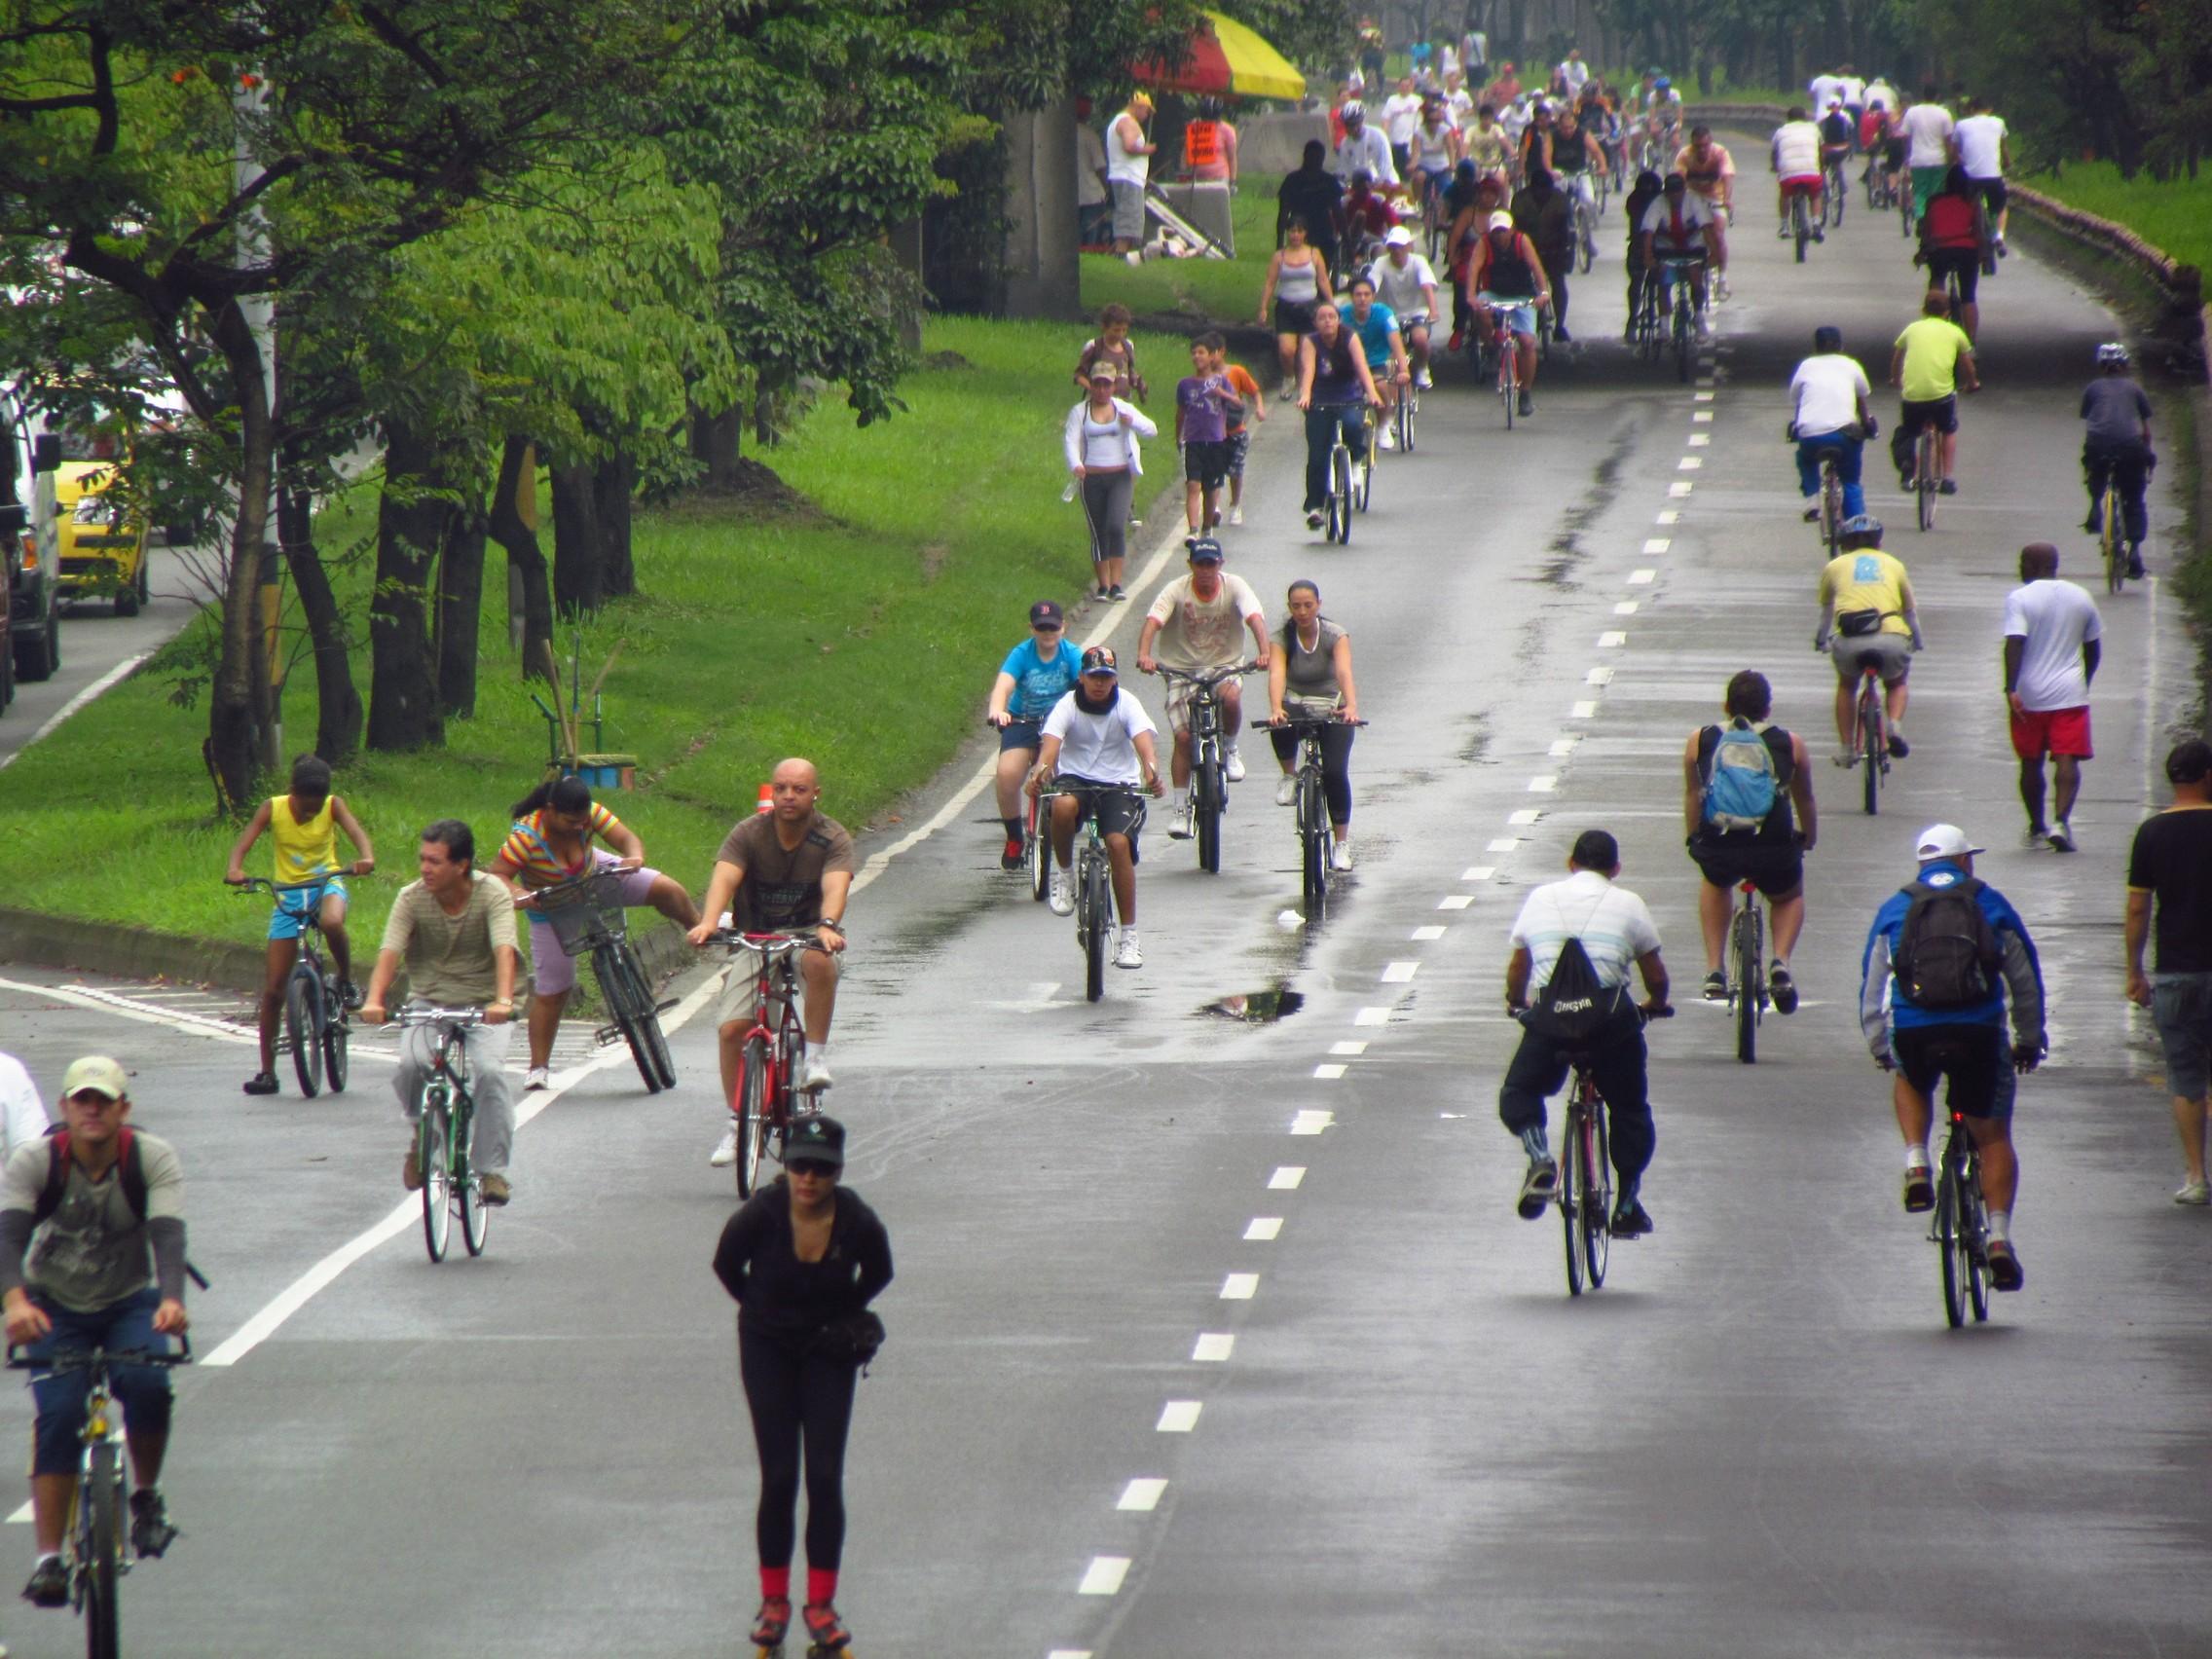 An image of a ciclovía en Medellín